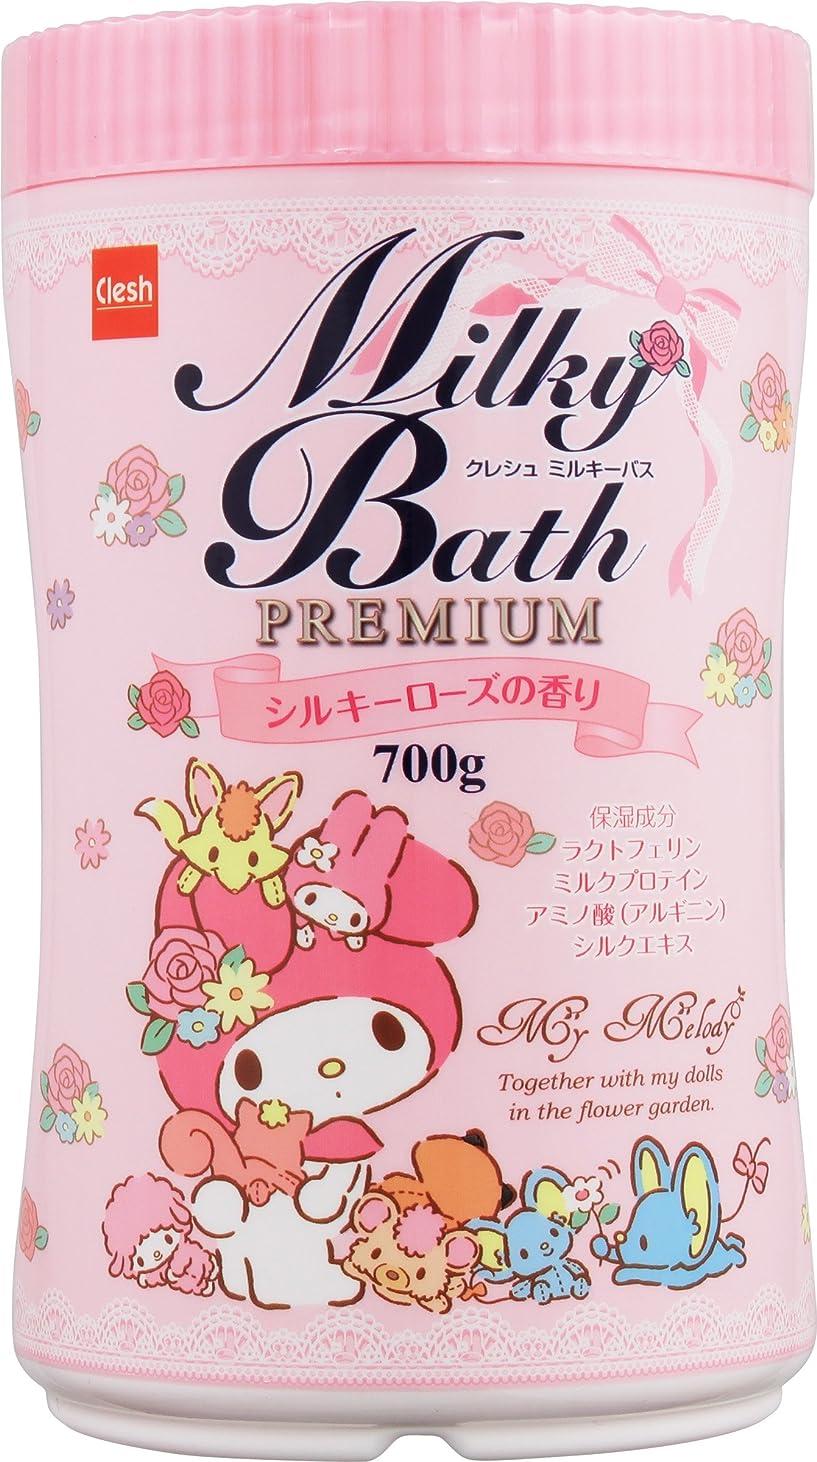 アンタゴニスト香り発表するアドグッド Clesh ミルキーバス プレミアム マイメロディ シルキーローズの香り 入浴剤 700G